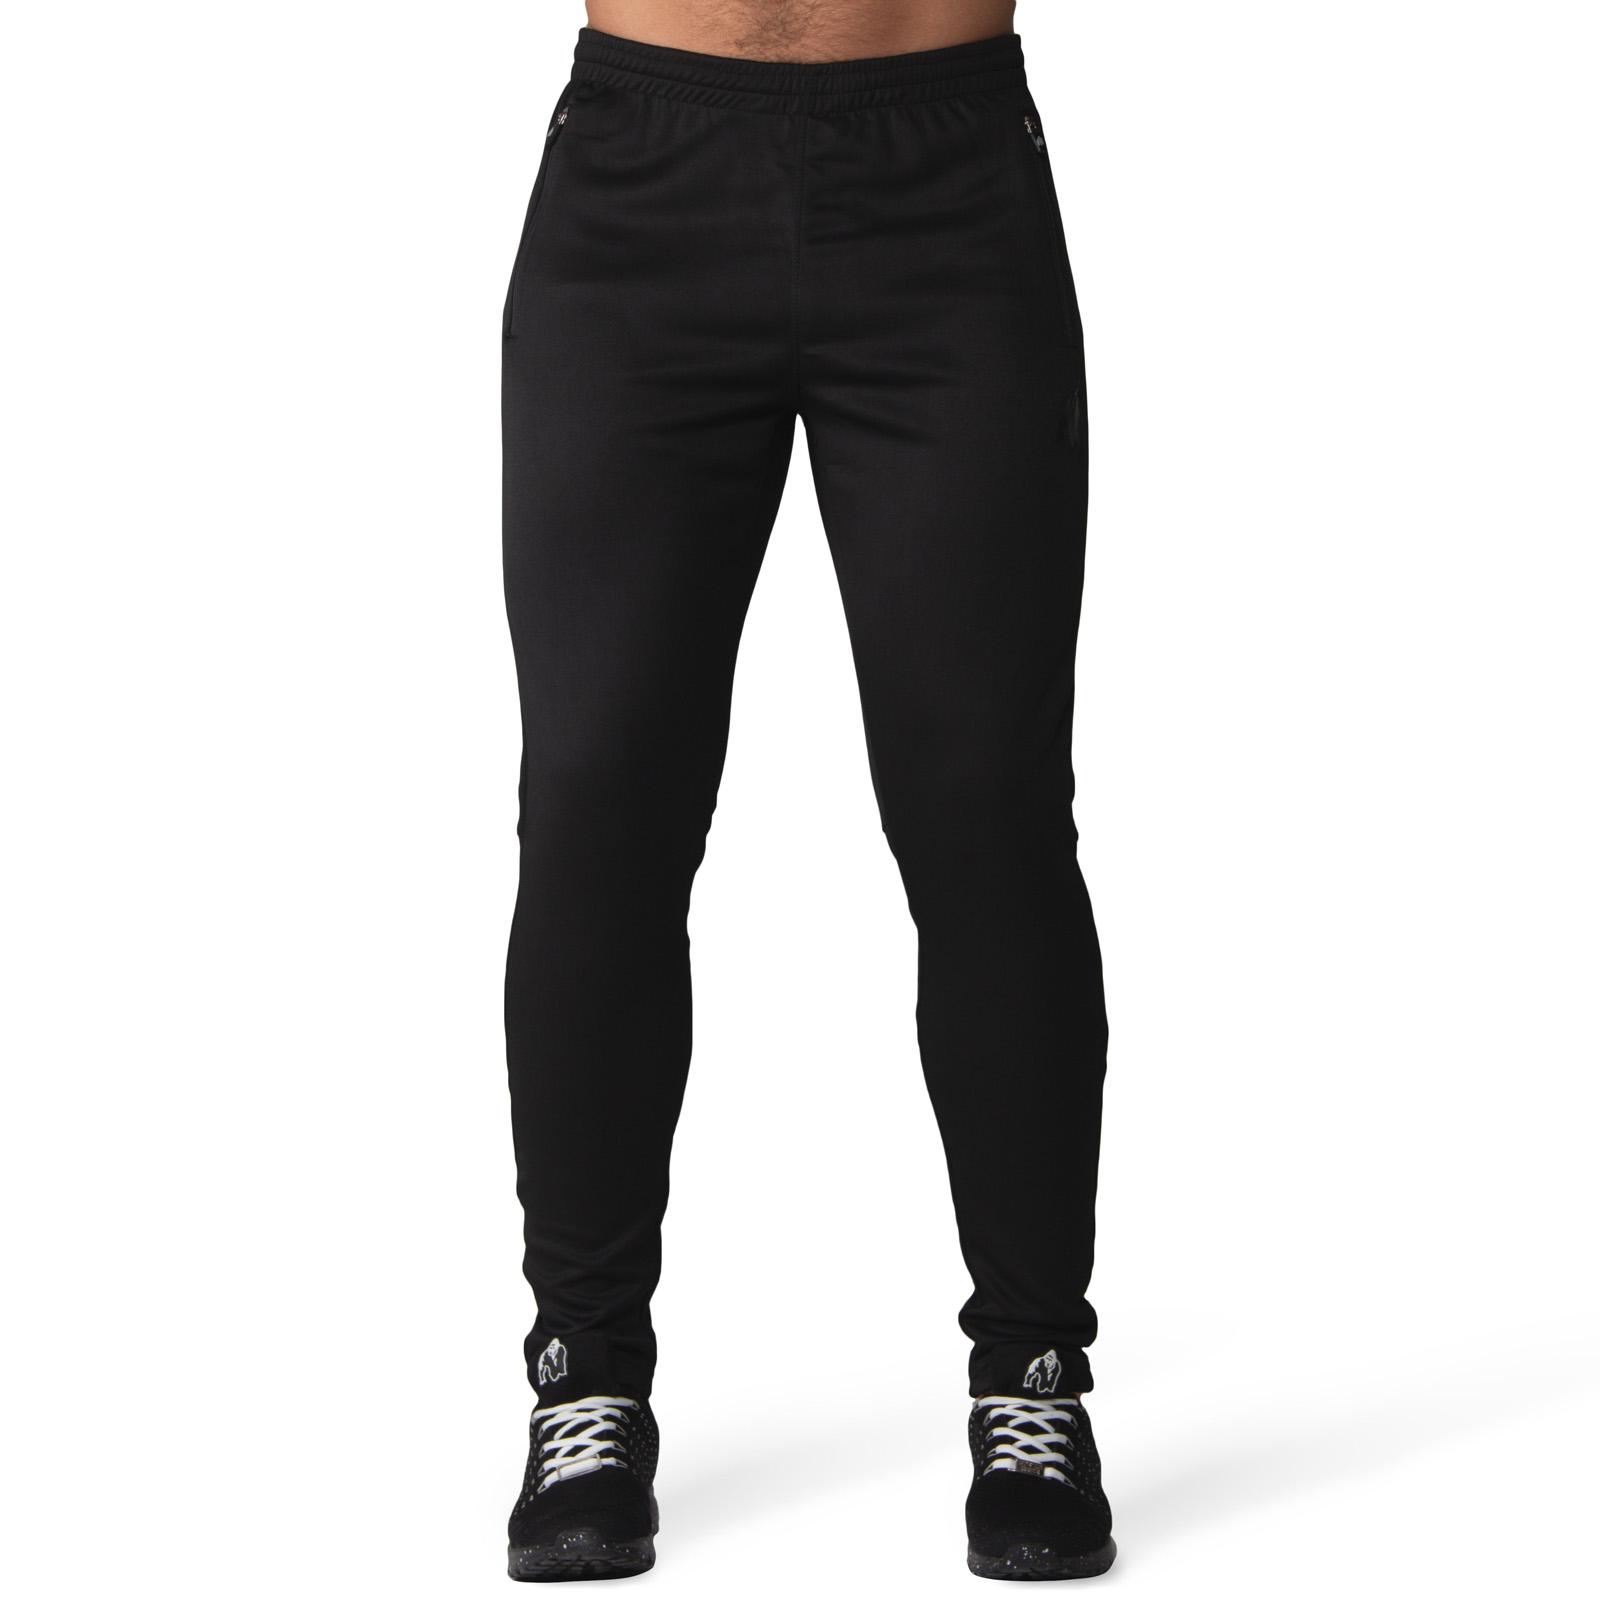 Fitness Broek Heren Zwart Gorilla Wear Ballinger